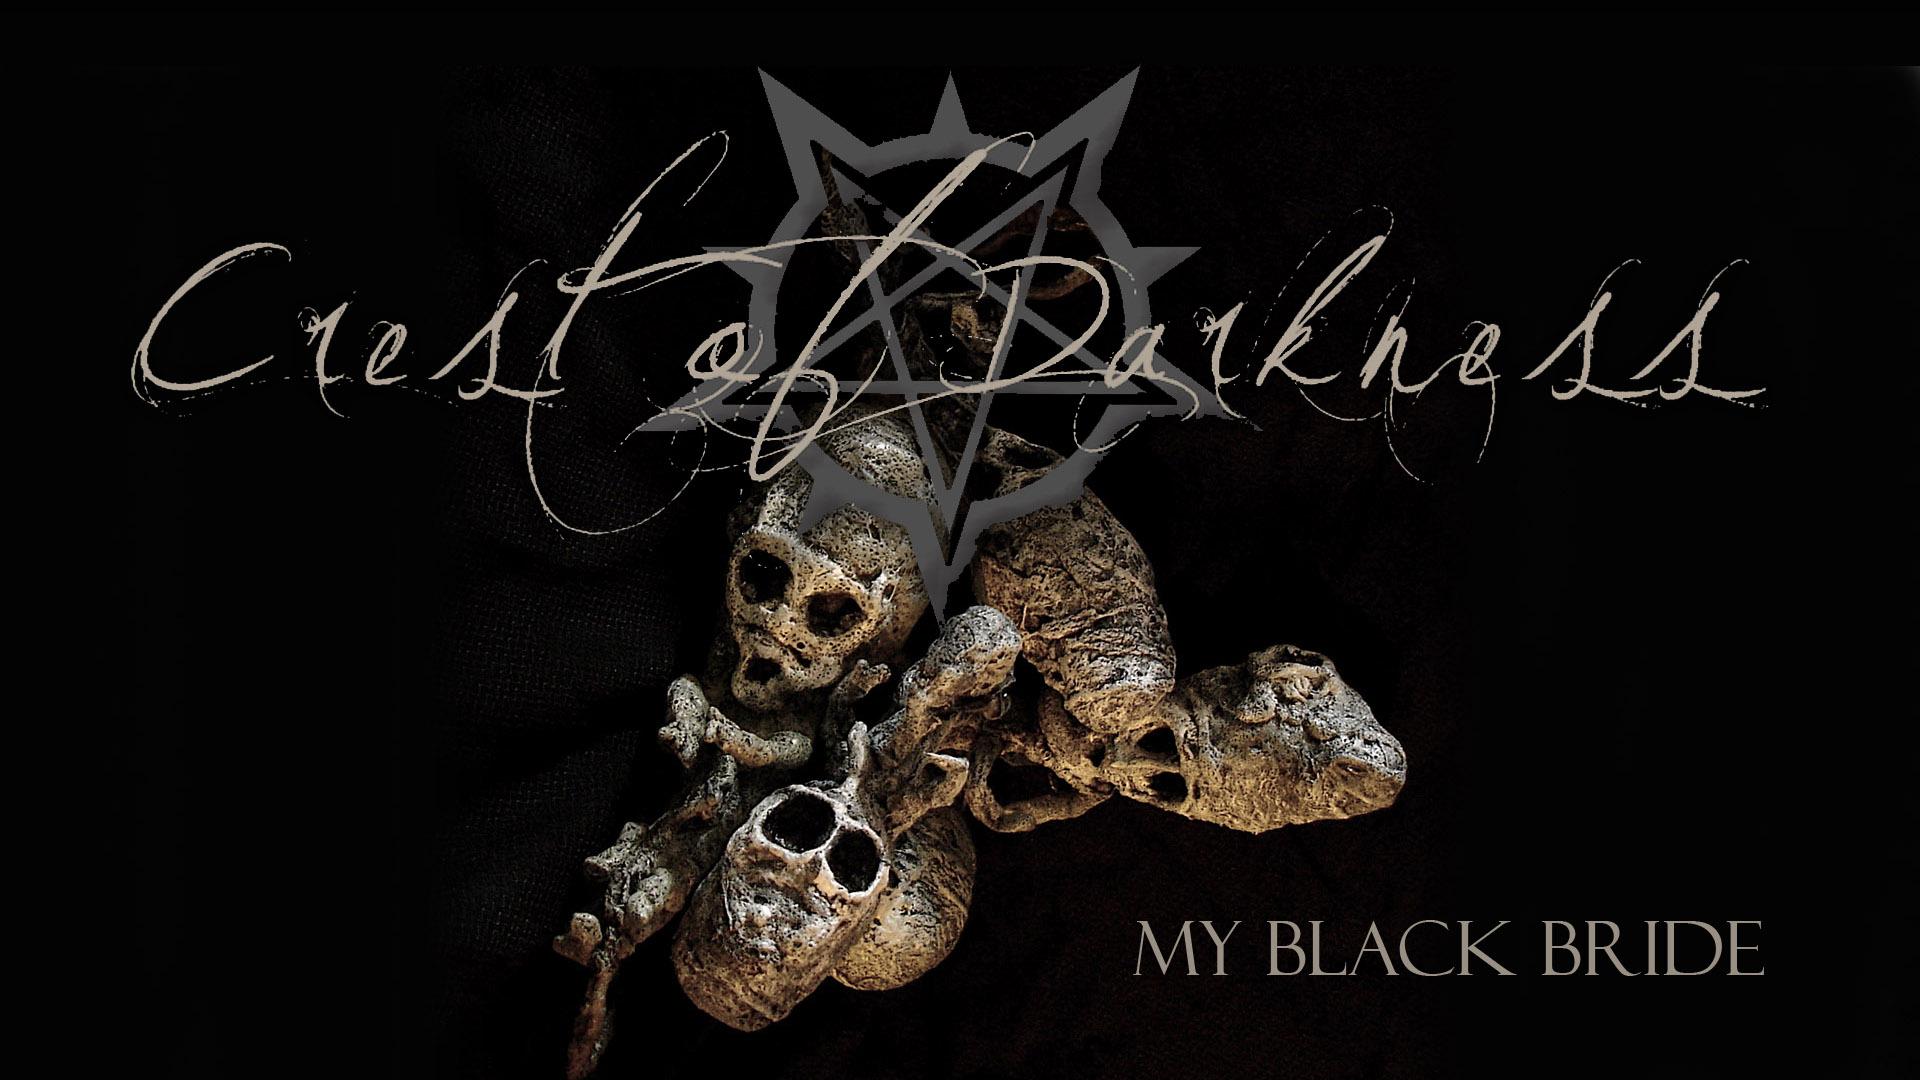 thmbnail-my-black-bride